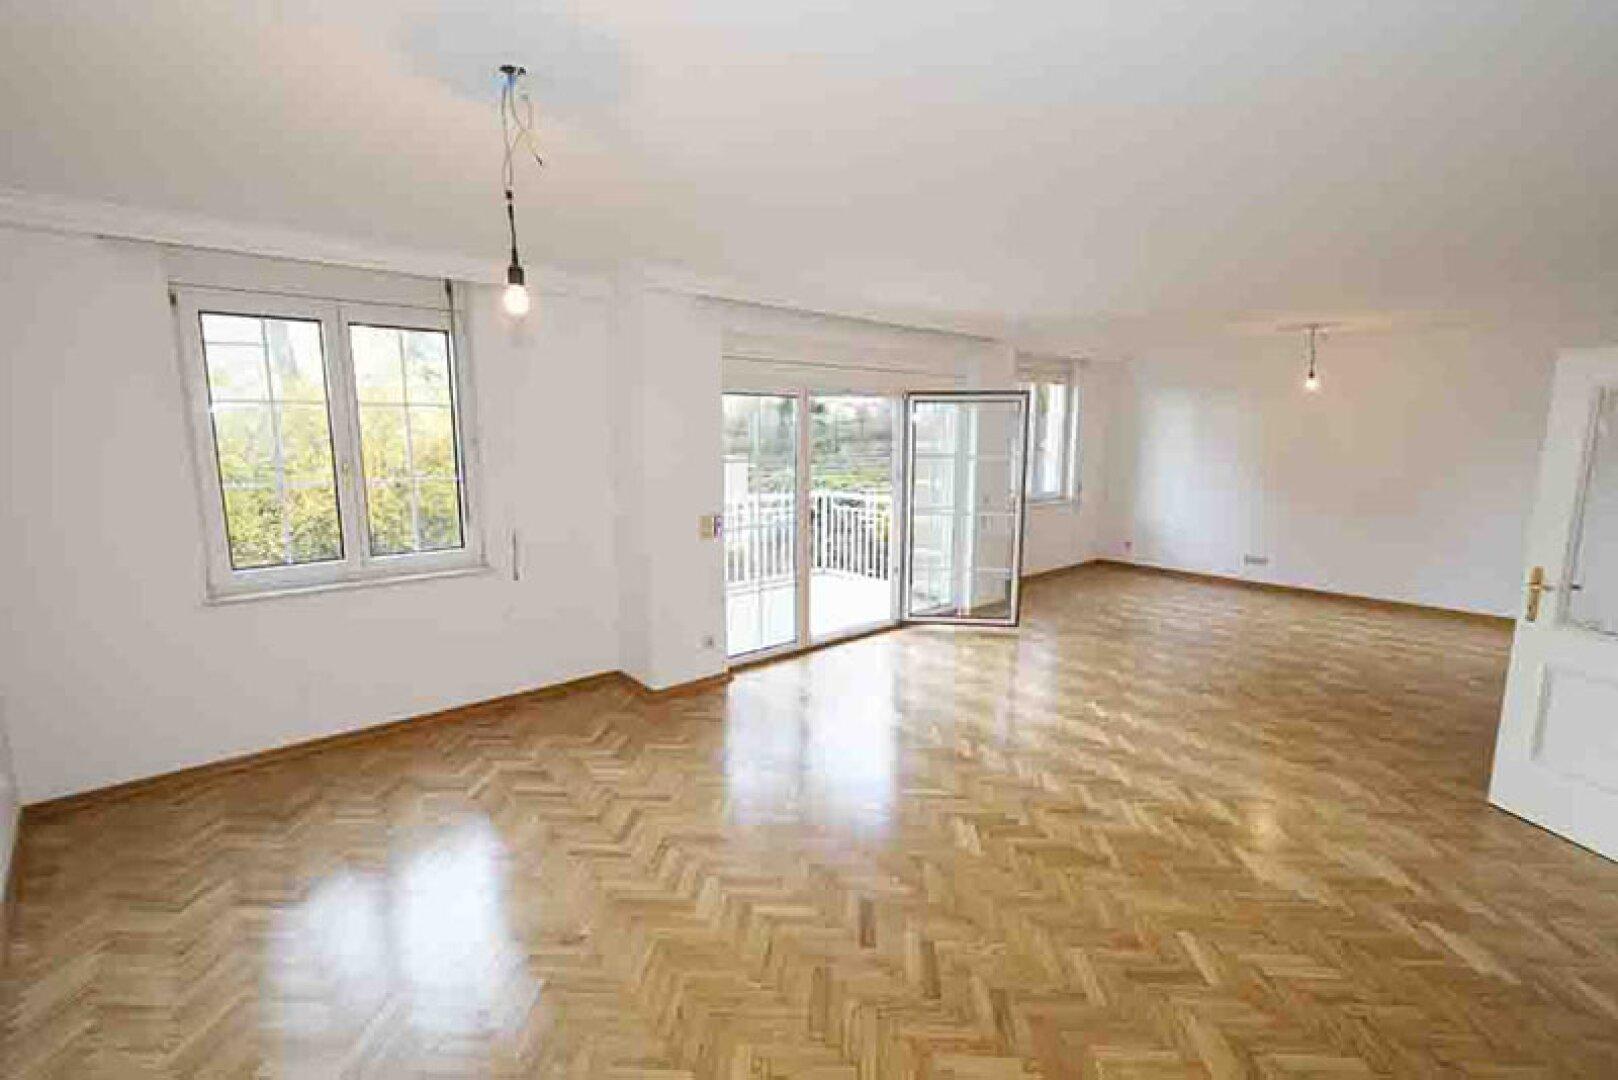 2. großes Wohnzimmer